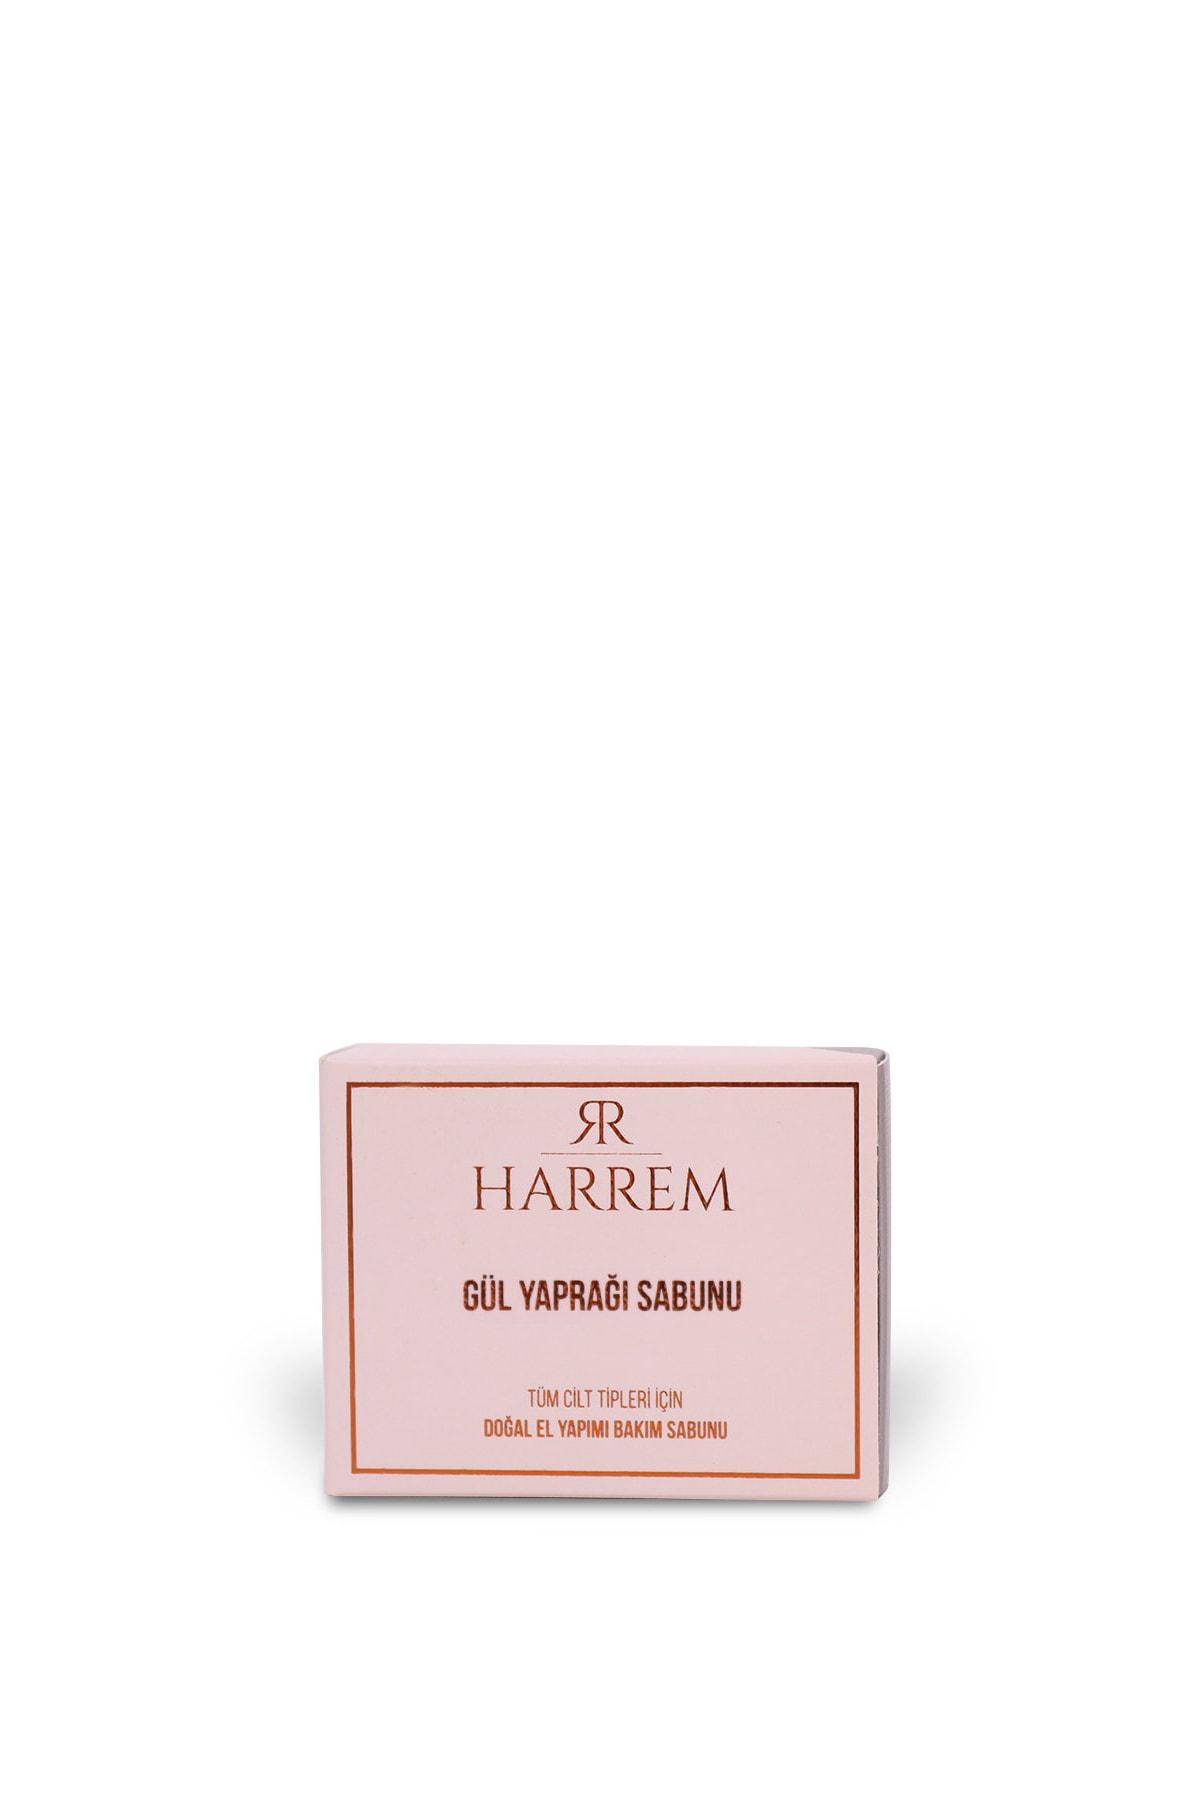 Nilhan Sultan Gül Yaprağı Sabunu Aroma Terapi Cilt Besleyici Bitkisel 1